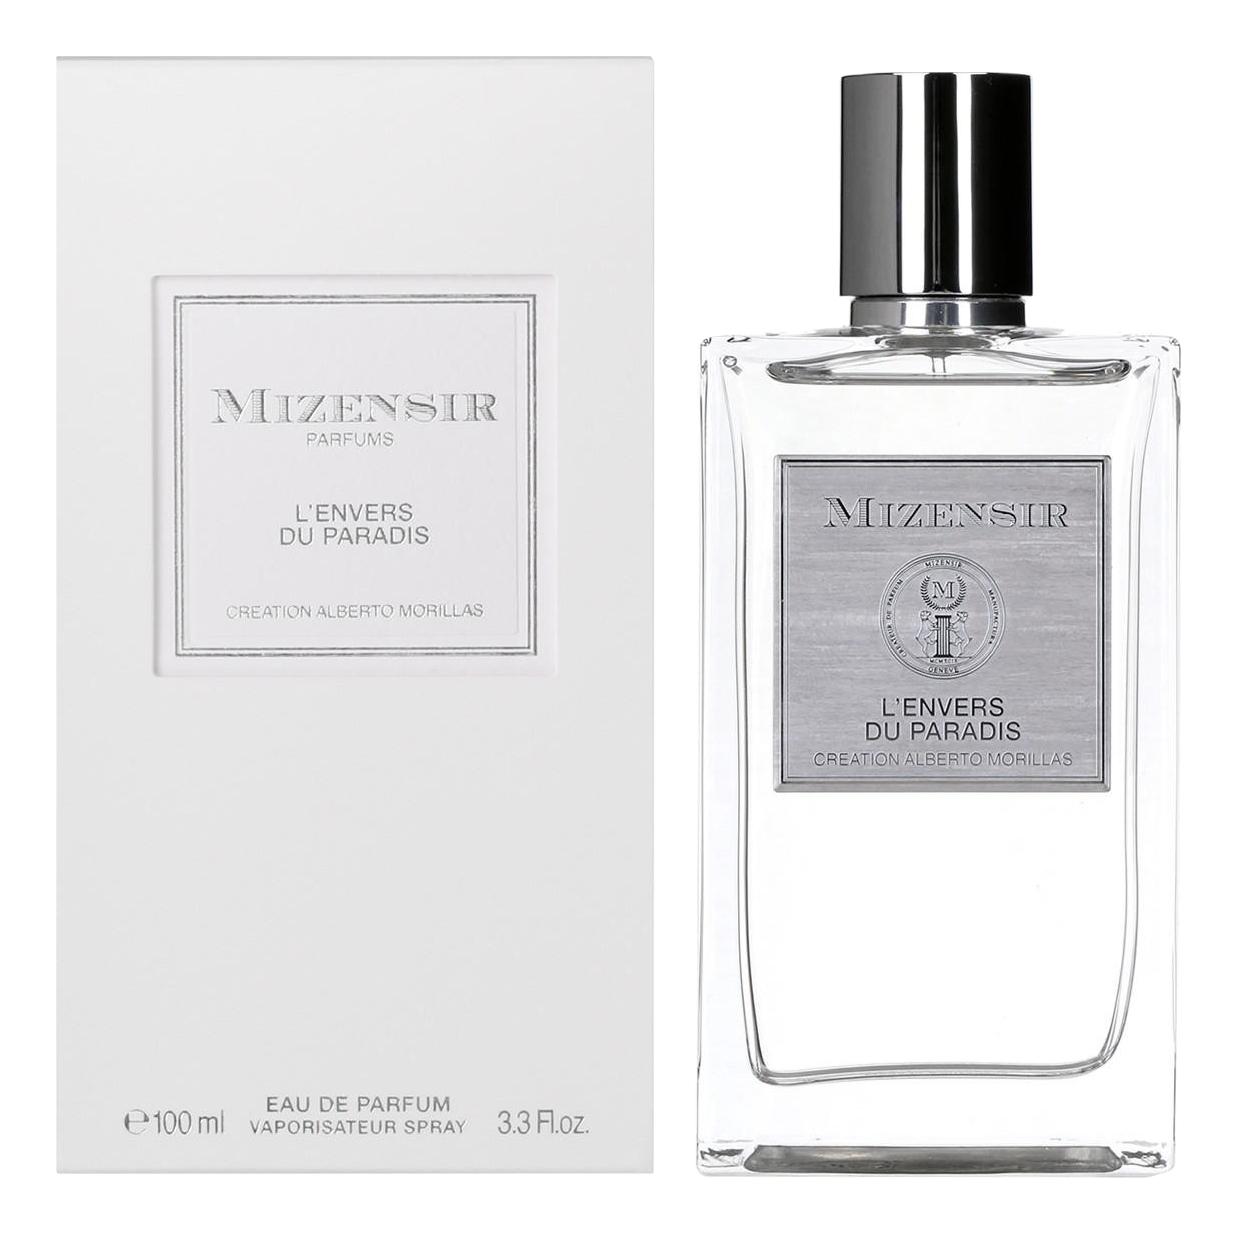 L'Envers Du Paradis: парфюмерная вода 100мл недорого